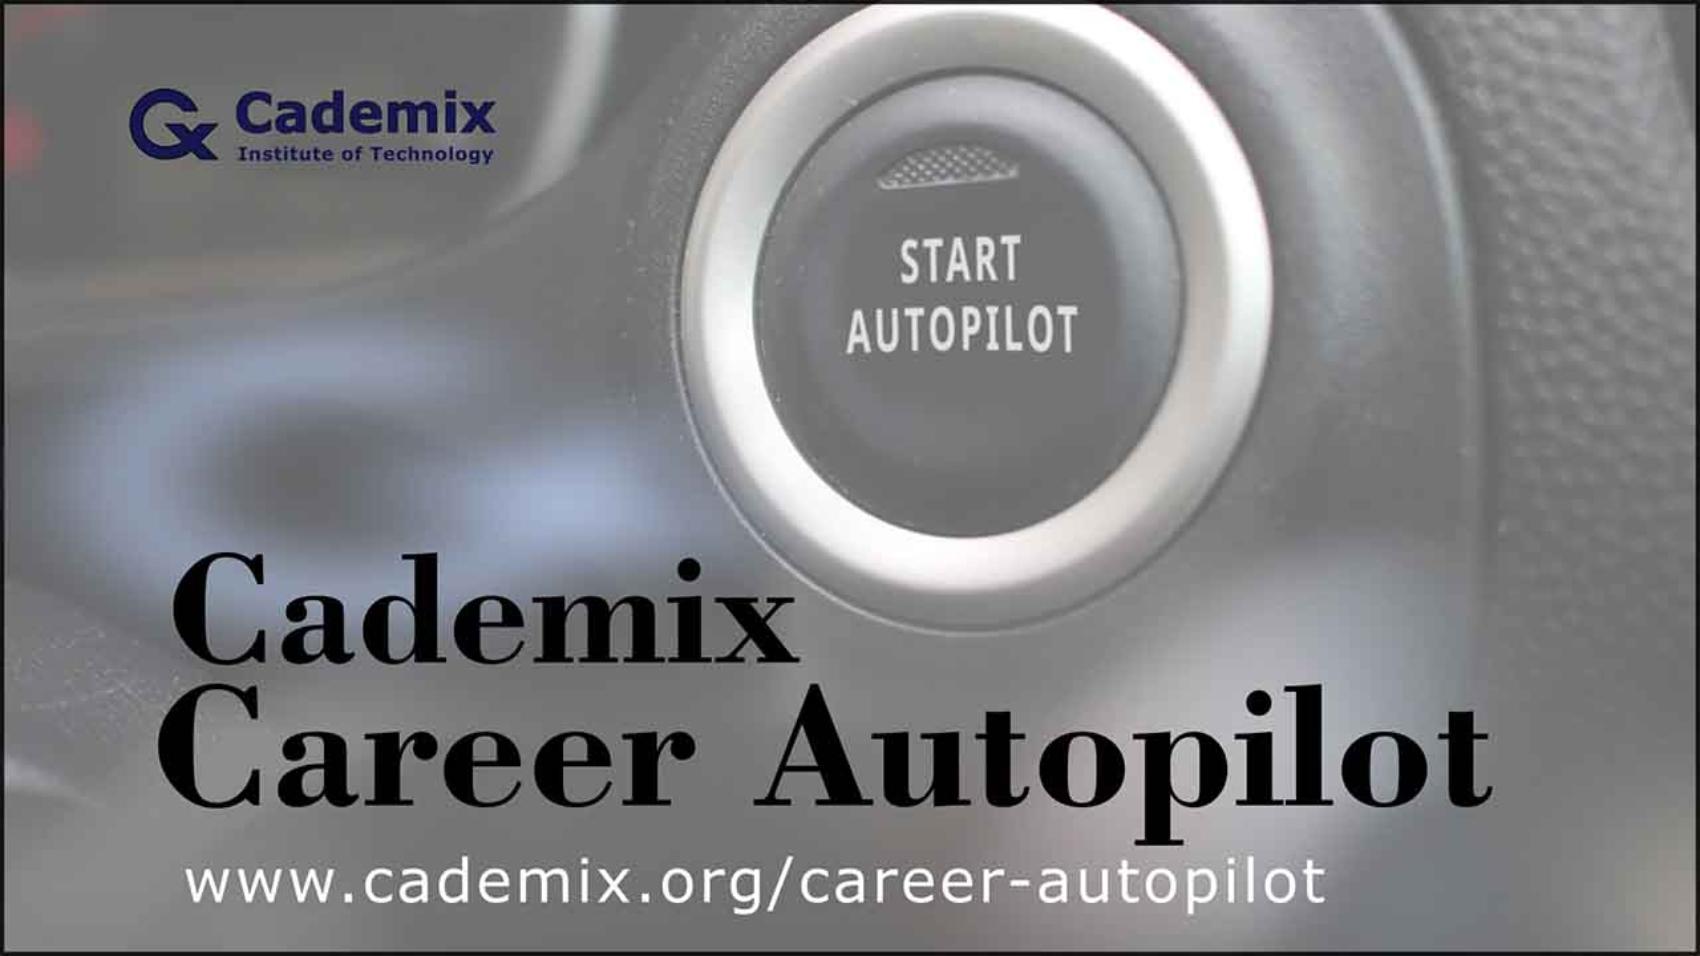 Career Autopilot - Cademix EU Job Placement and Upgrade Program for international Job Seekers Poster